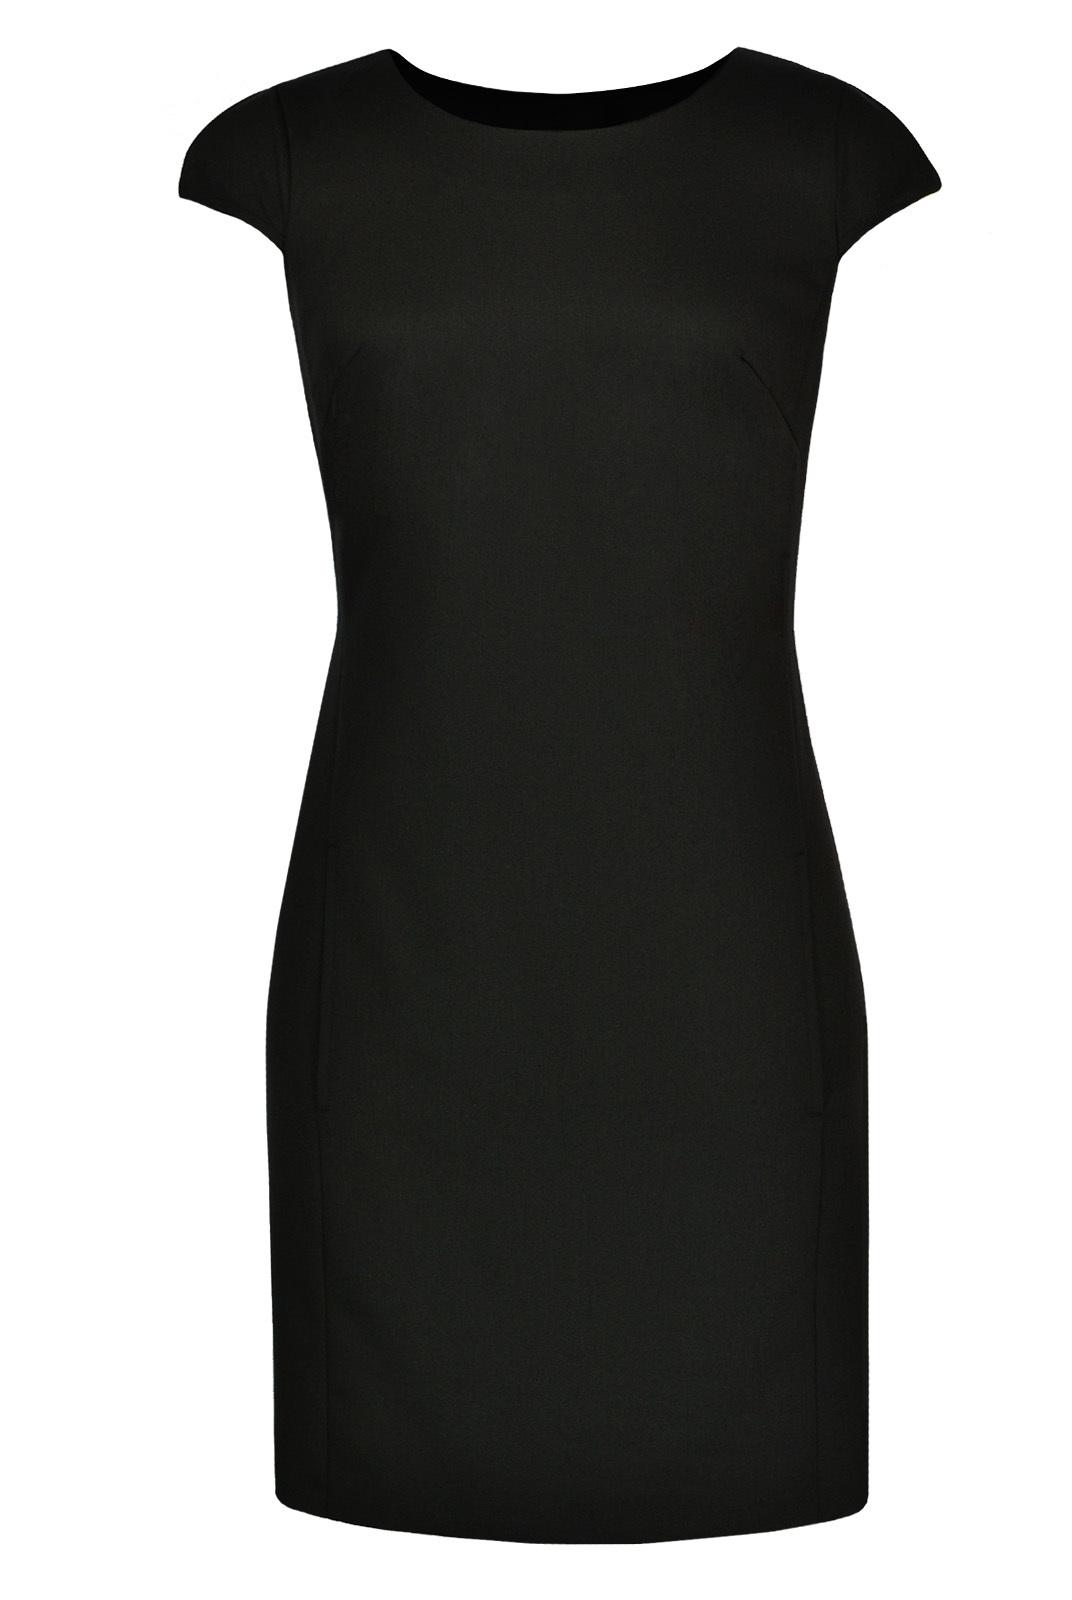 Платья Элегантное платье в офисном стиле черного цвета 081364 175CHer081364yu_1.jpg